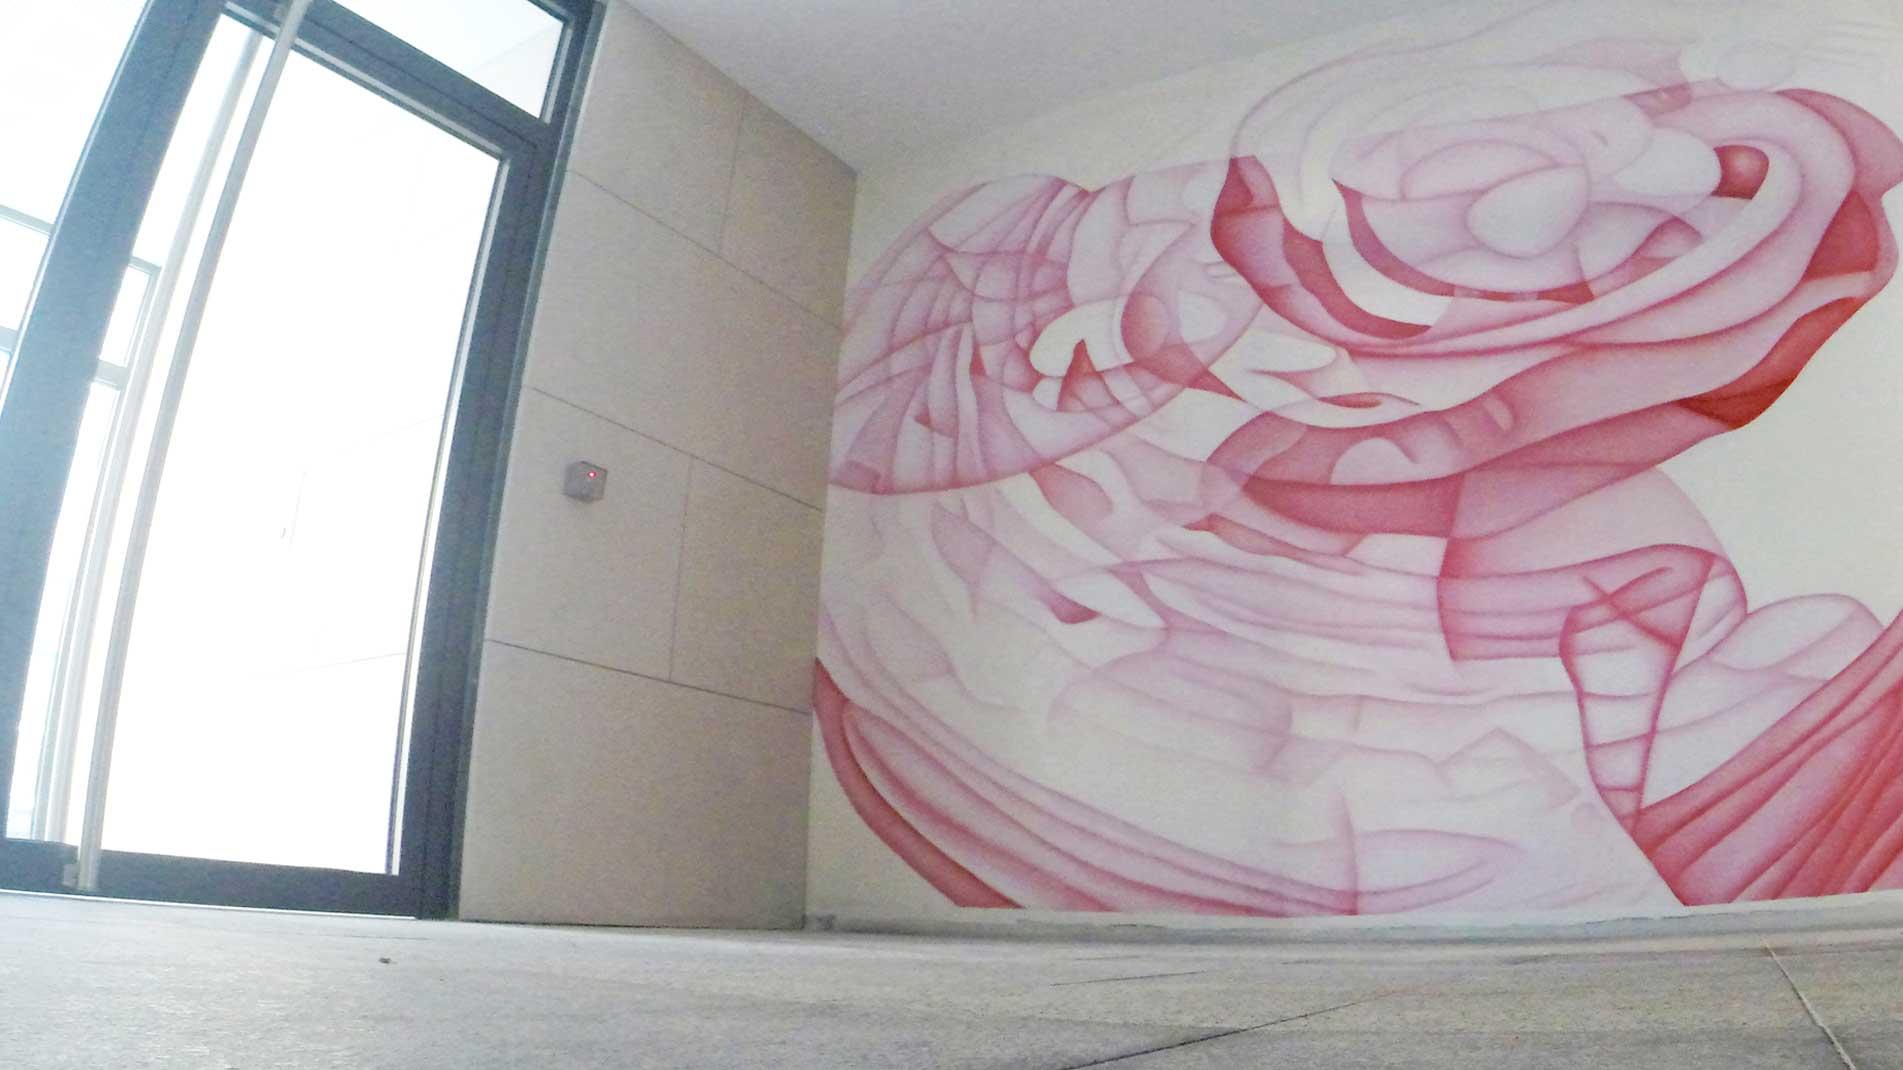 Guillaume Bottazzi, Art public intérieur, peinture murale, Marseille France